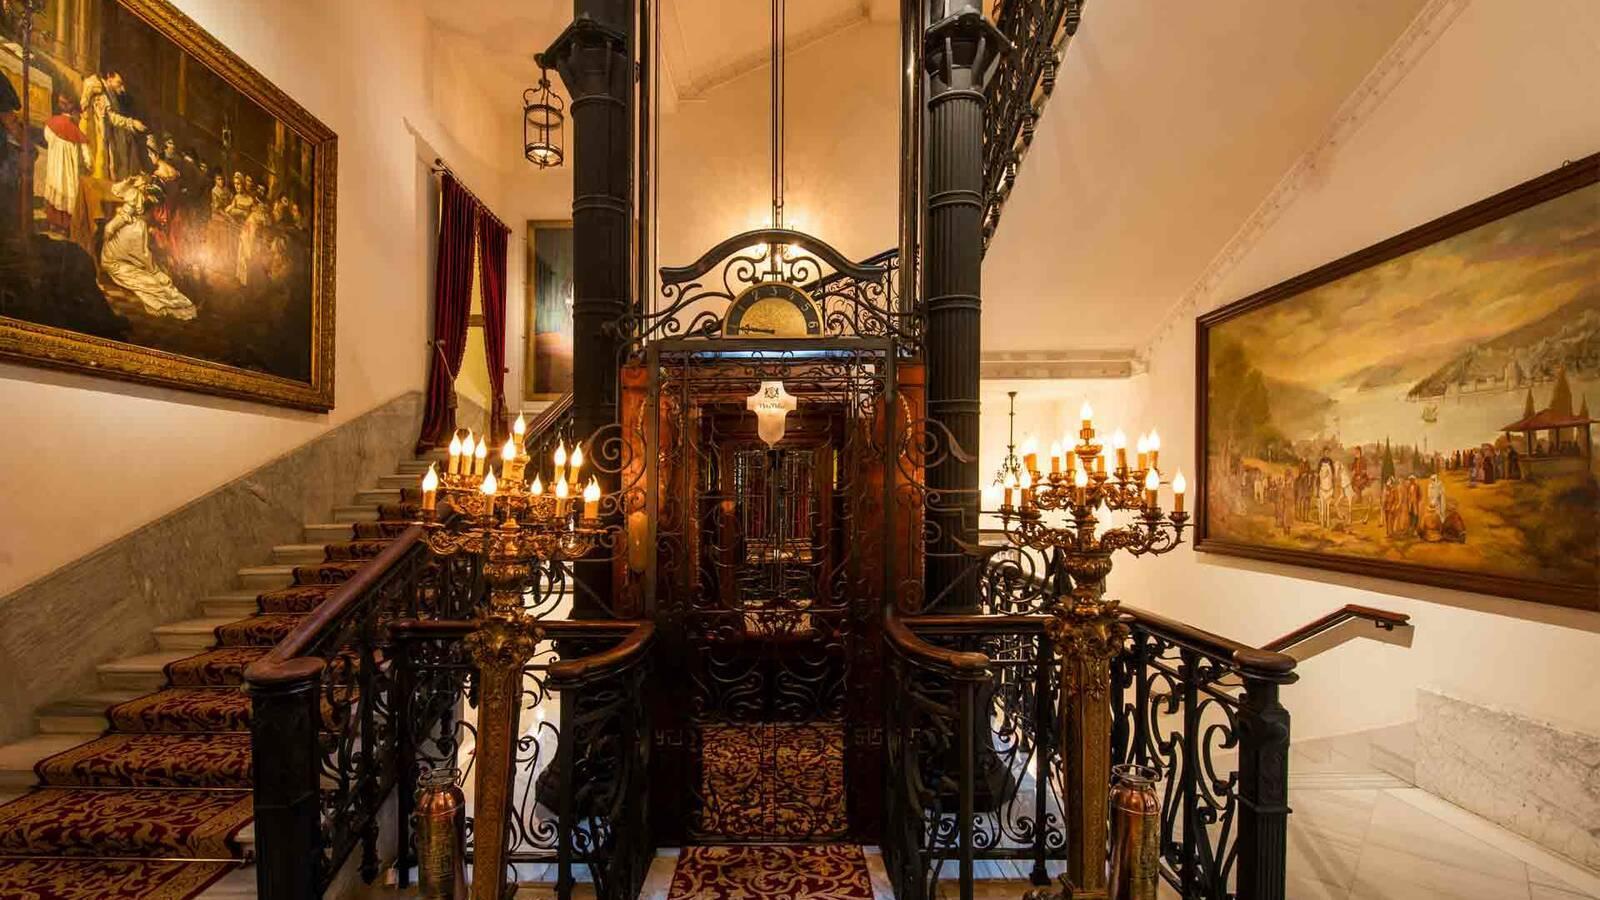 Turquie Pera Palace Elevator